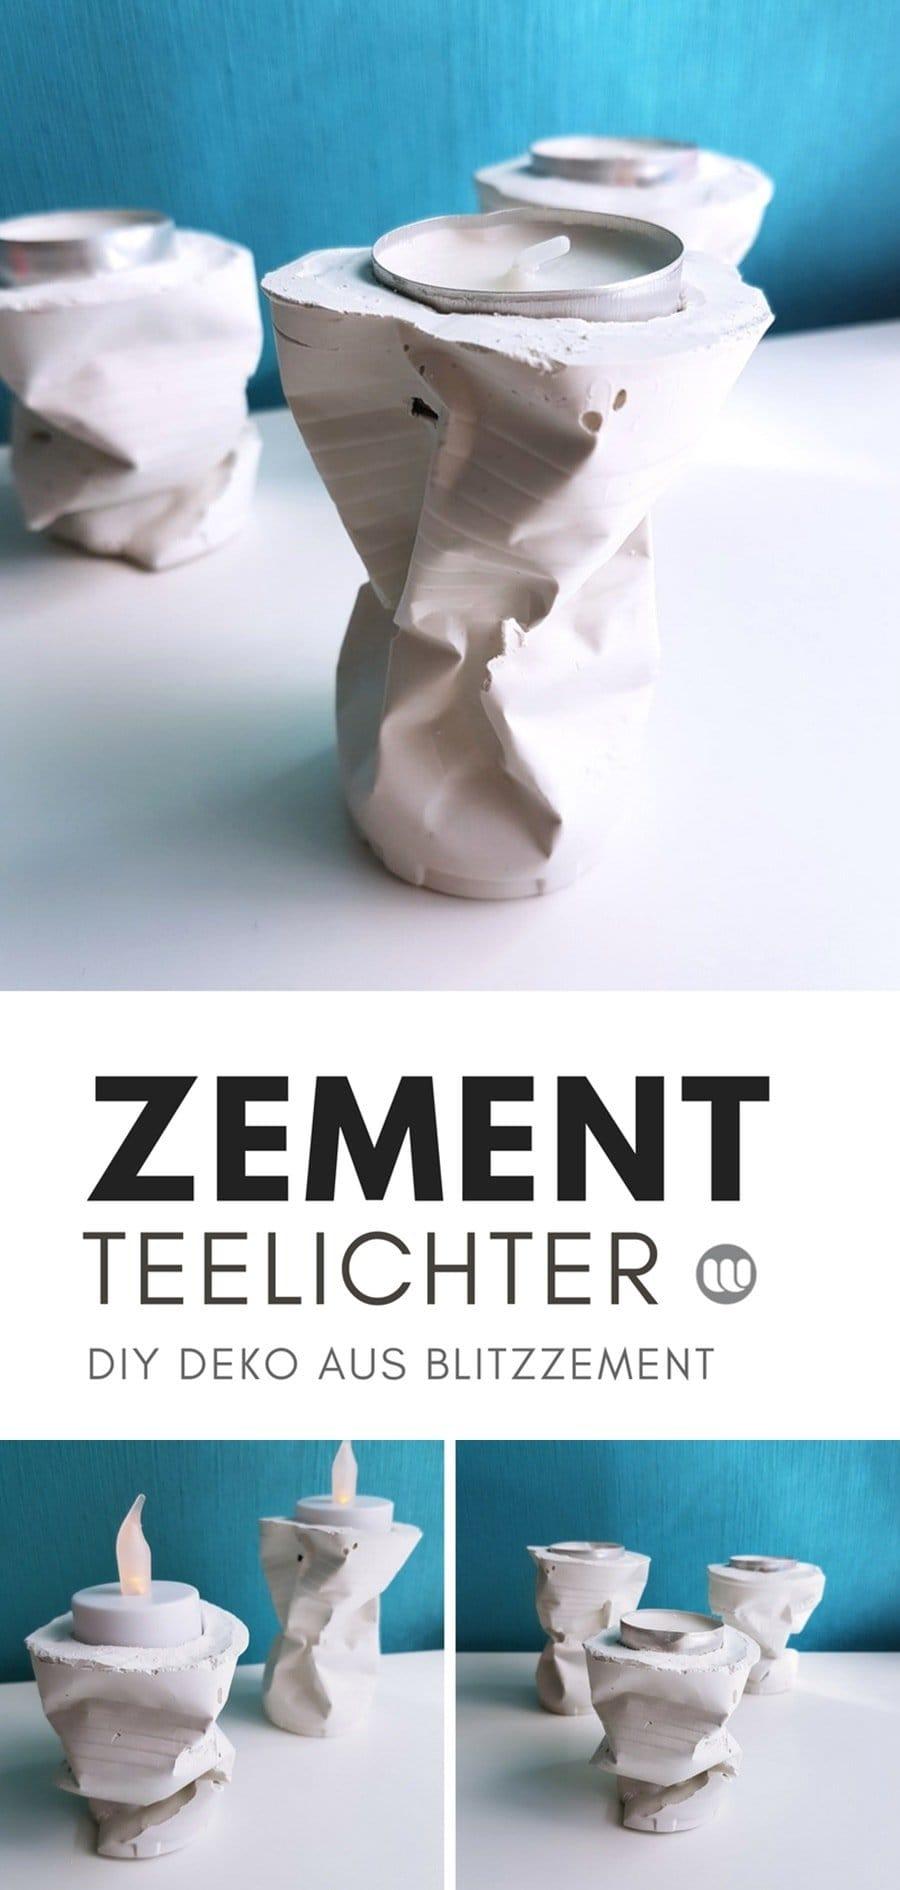 Basteln mitBlitzzement: Deko Idee & Anleitungen für niedliche Beton Blumentöpfe und Teelichthalter aus weißemBlitzzementselber machen.